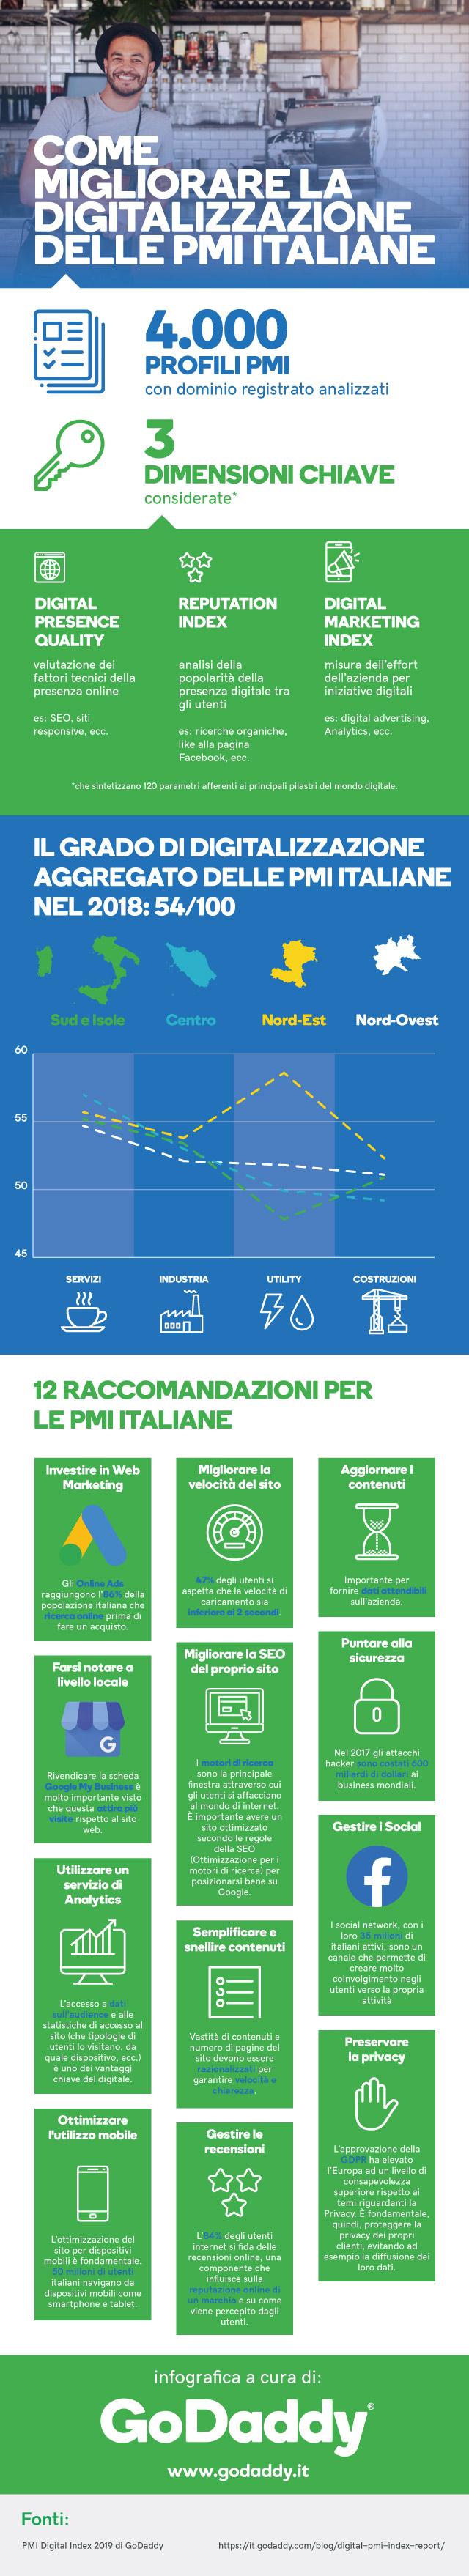 12 raccomandazioni digital per le PMI italiane